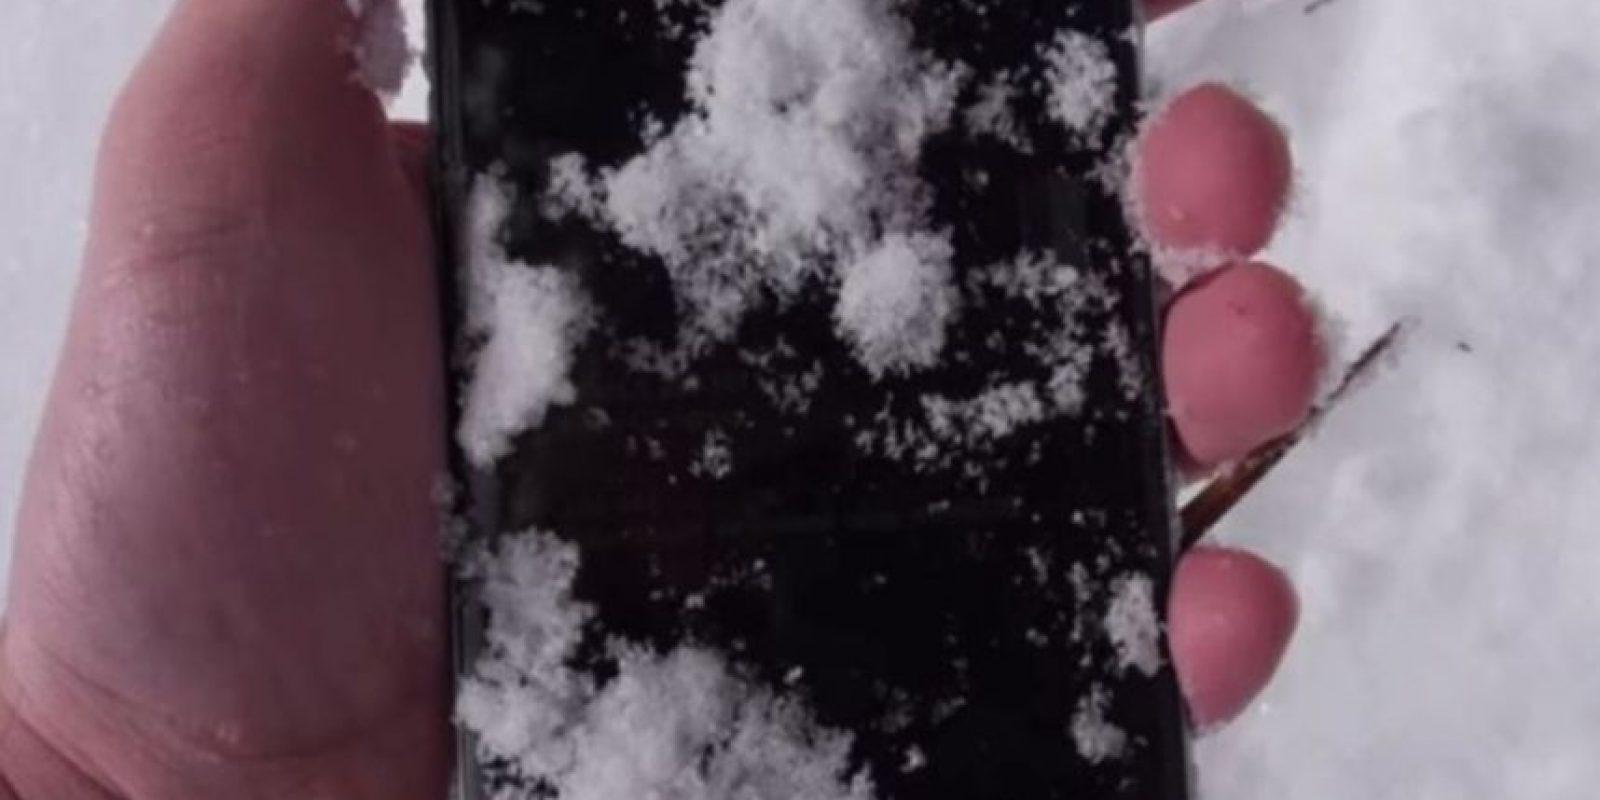 4- Quedó enterrado en la nieve por 24 horas, pero funcionó. Foto:TechRax / YouTube